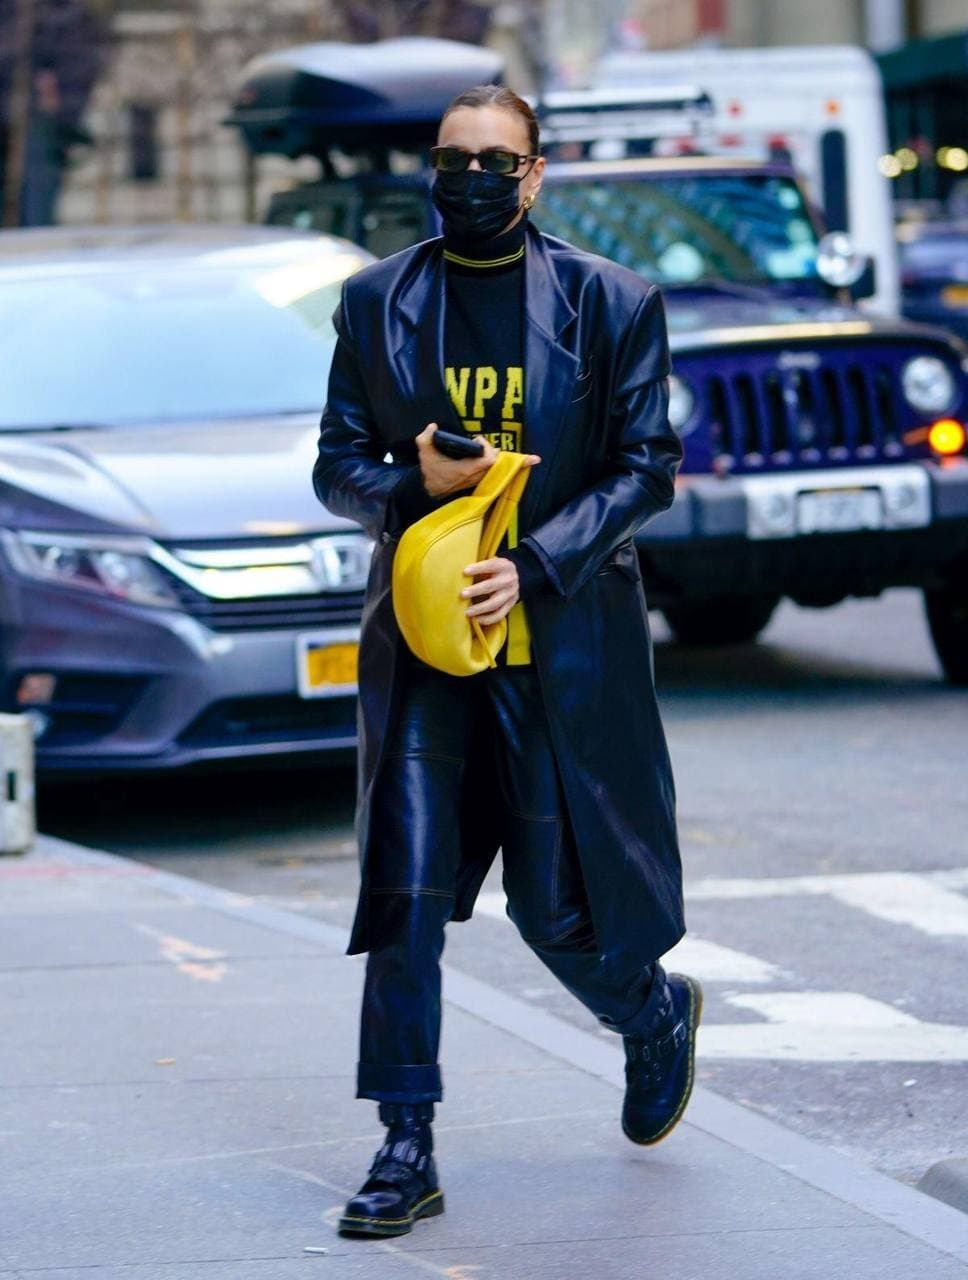 Ирина Шейк показала стильный образ в кожаном тренче от украиснкого бренда GASANOVA (ФОТО) - фото №2